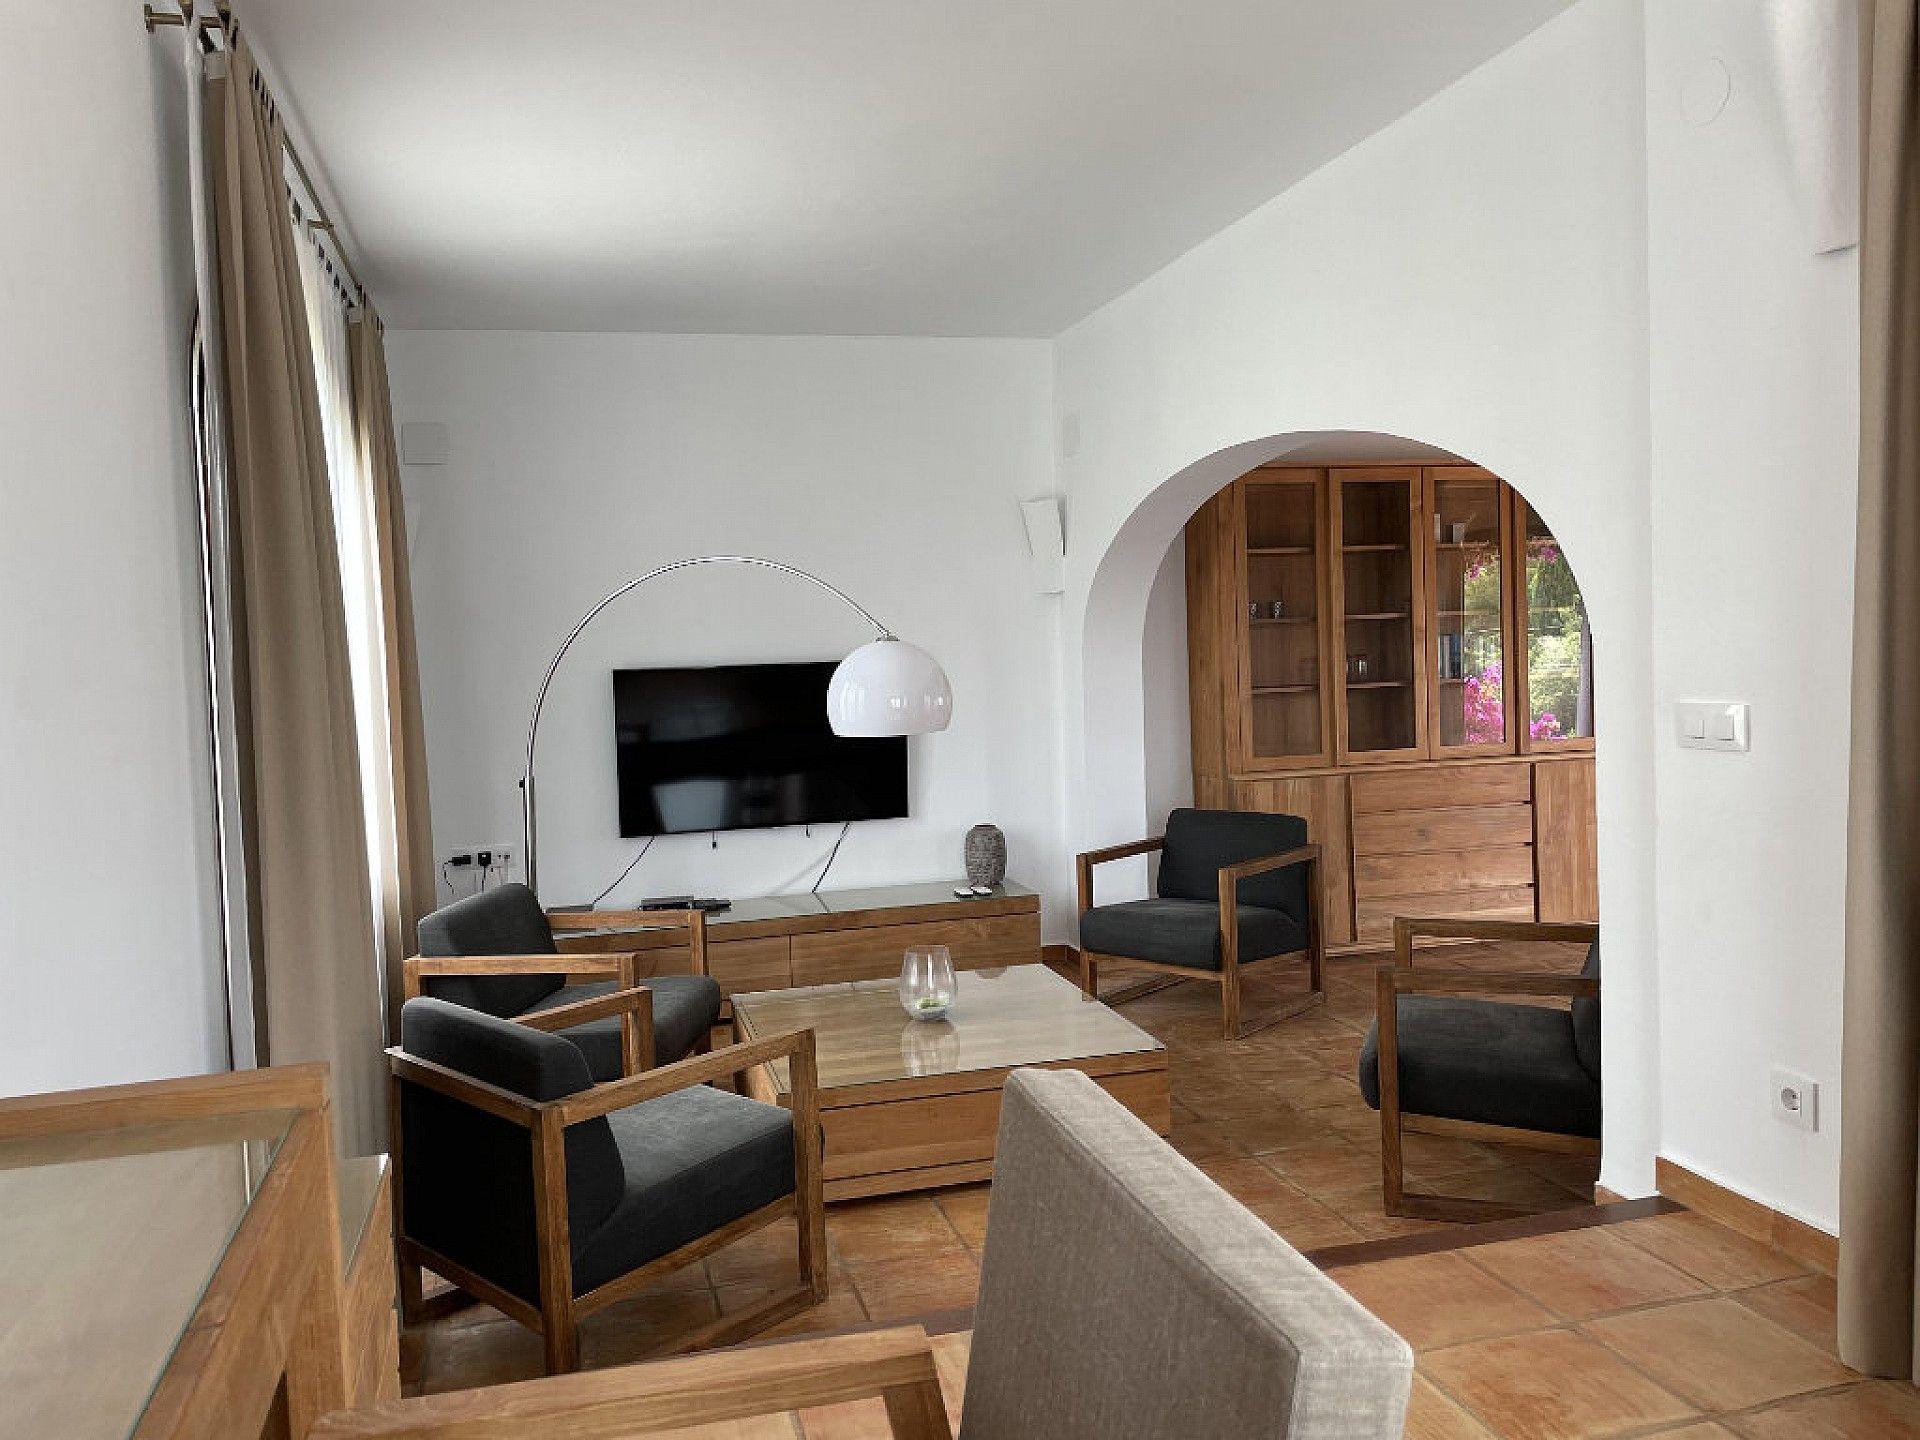 w_huis-tekoop-benissa-costa-blanca-spanje-v1059-27-1.jpg